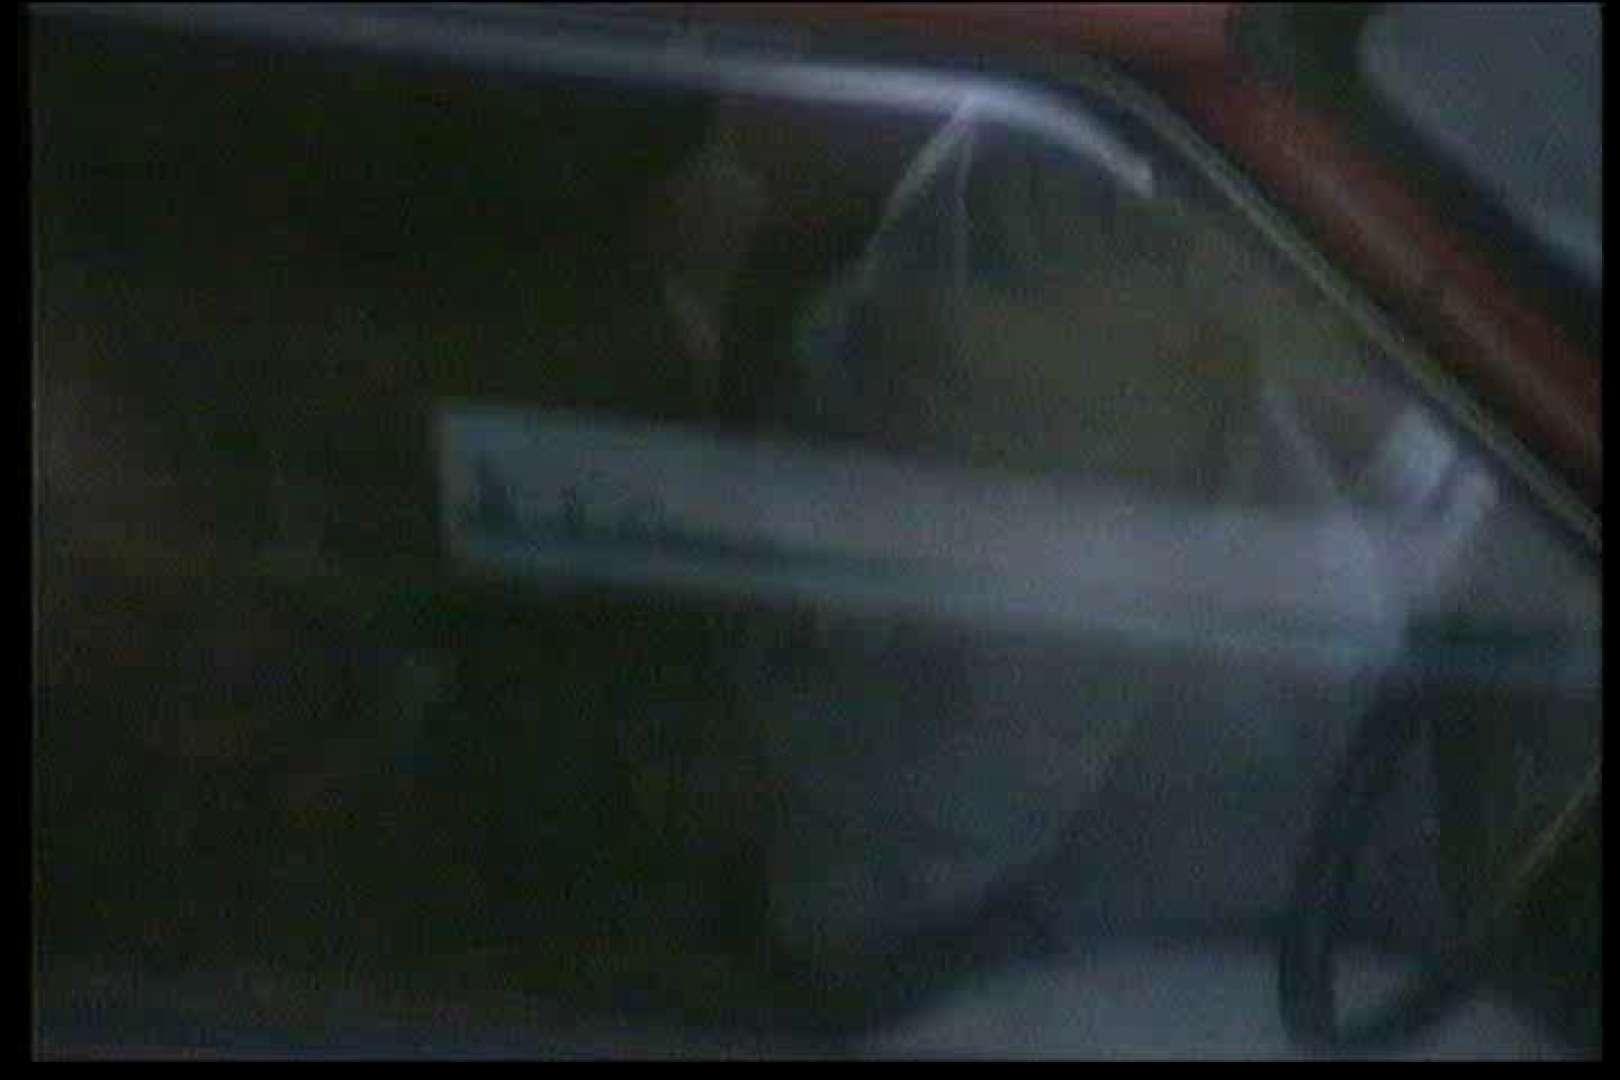 車の中はラブホテル 無修正版  Vol.12 カップル オマンコ動画キャプチャ 87pic 27